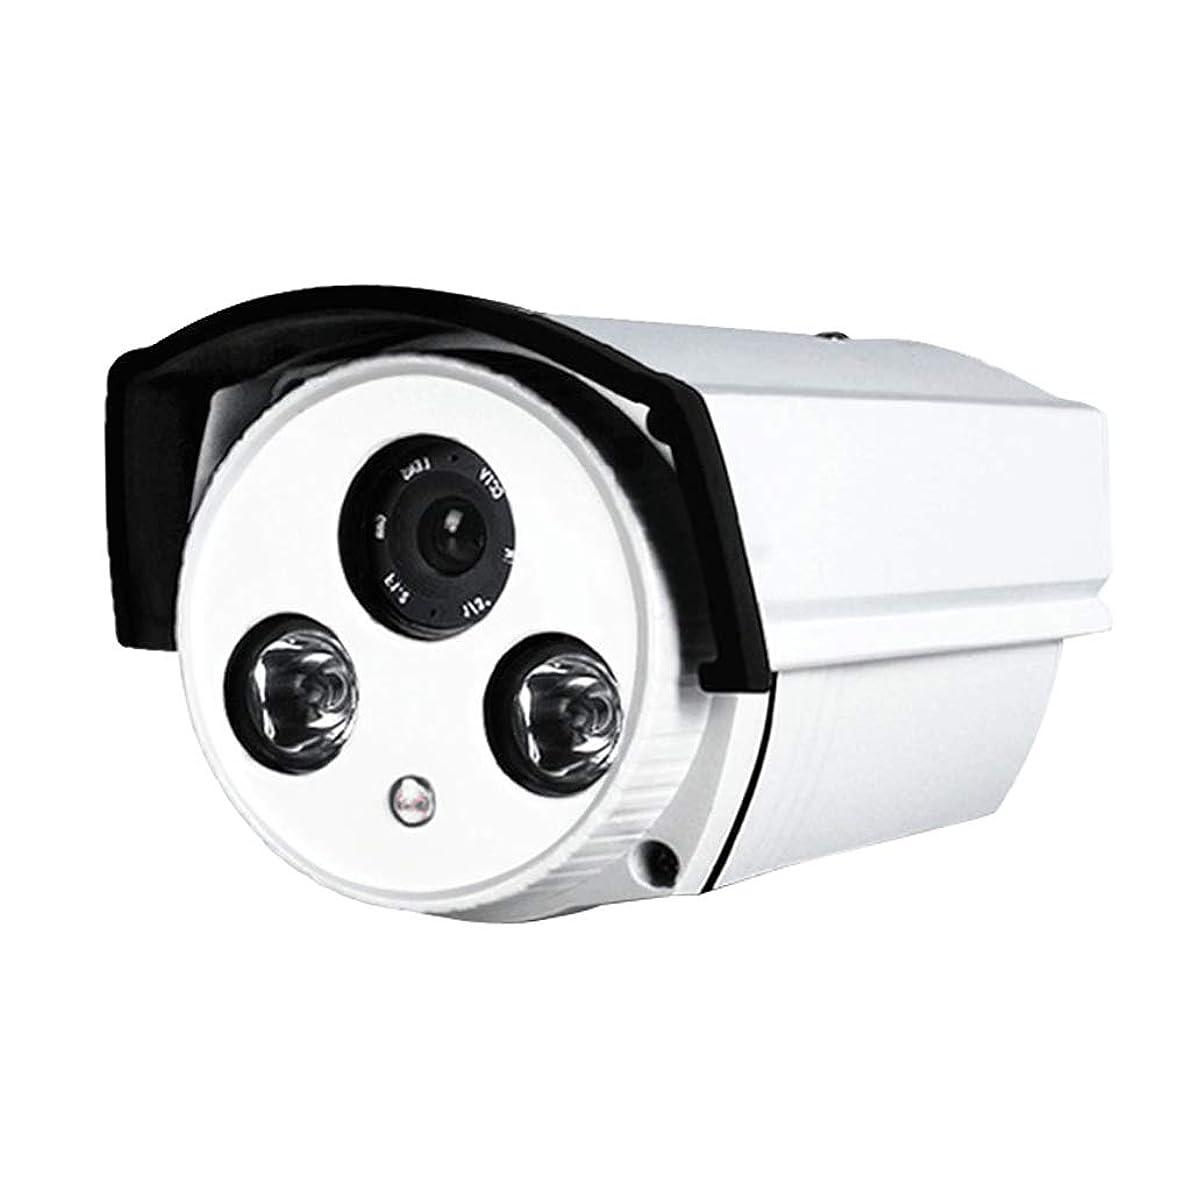 山岳下品うねるShiwaki 夜間監視カメラ 防犯カメラ 赤外線カメラ 夜間監視 2.8mm 防水 家庭 工場 ホテル対応